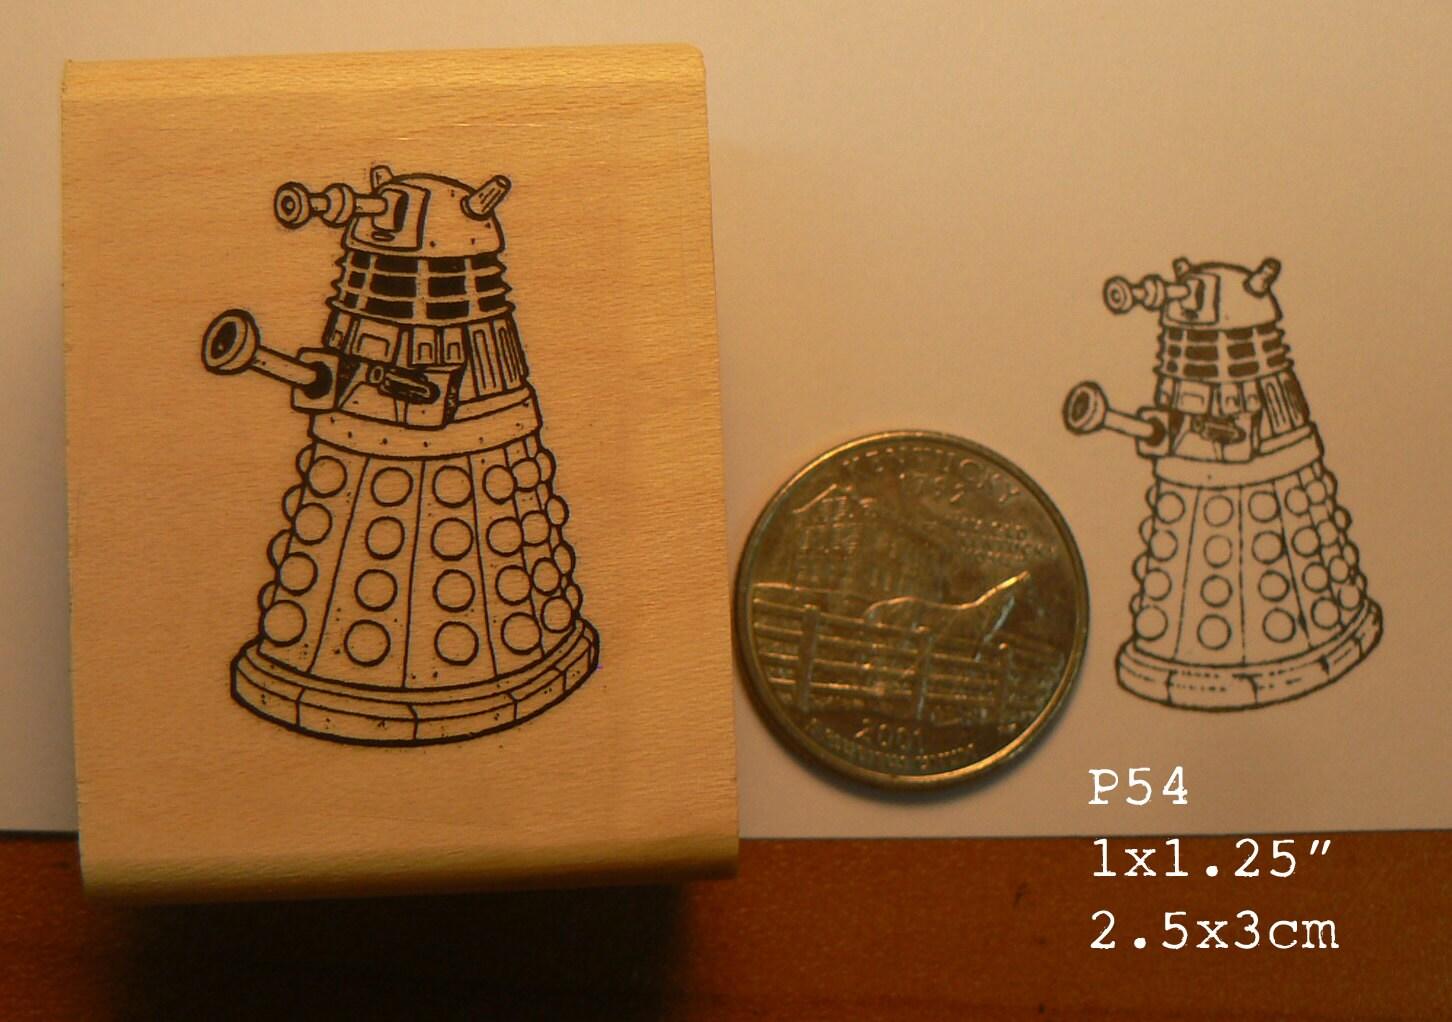 P54 Dalek Line Art Rubber Stamp